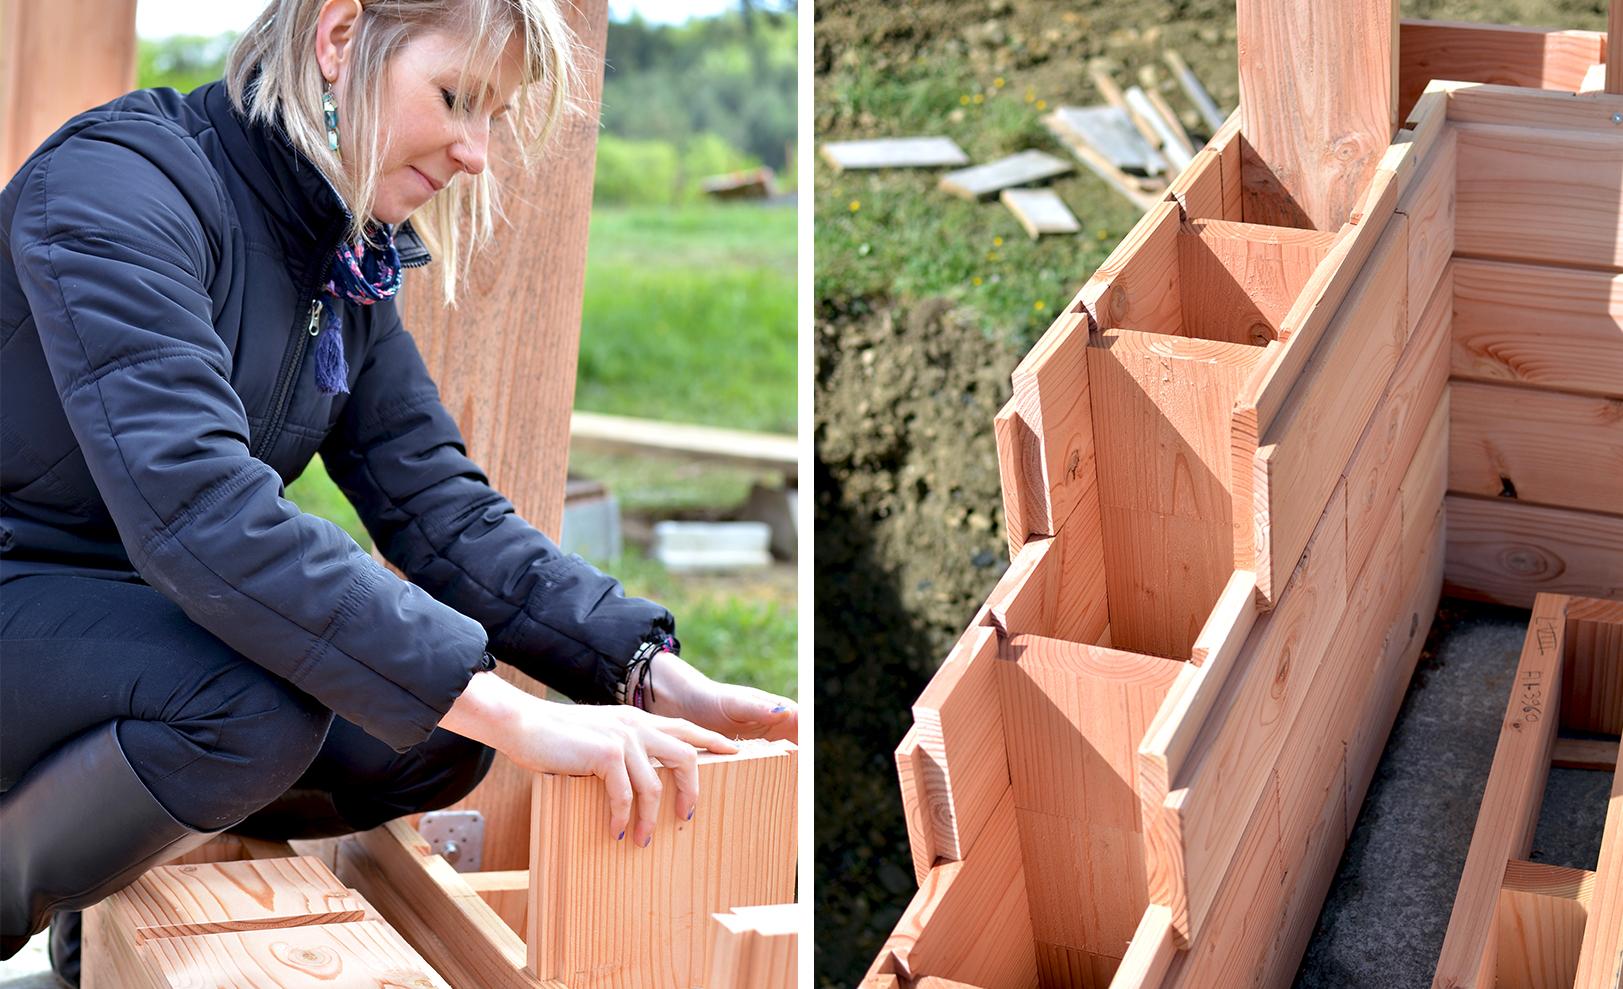 Construcción de viviendas ecológicas de madera sin adhesivos ni clavos